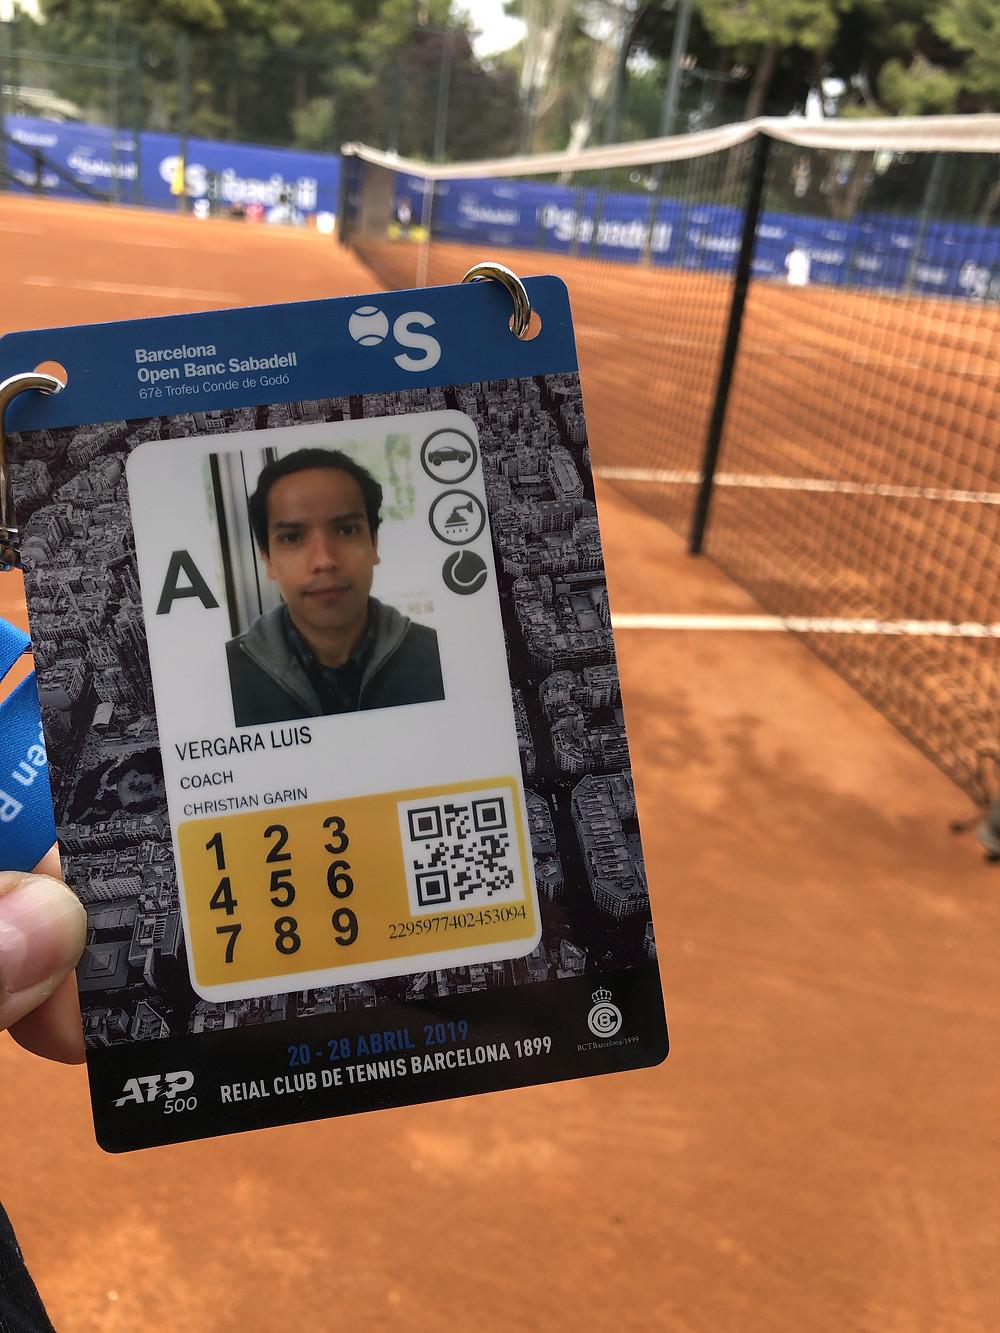 Dr. Luis Vergara participando como médico de Cristián Garin en ATP Barcelona 2019